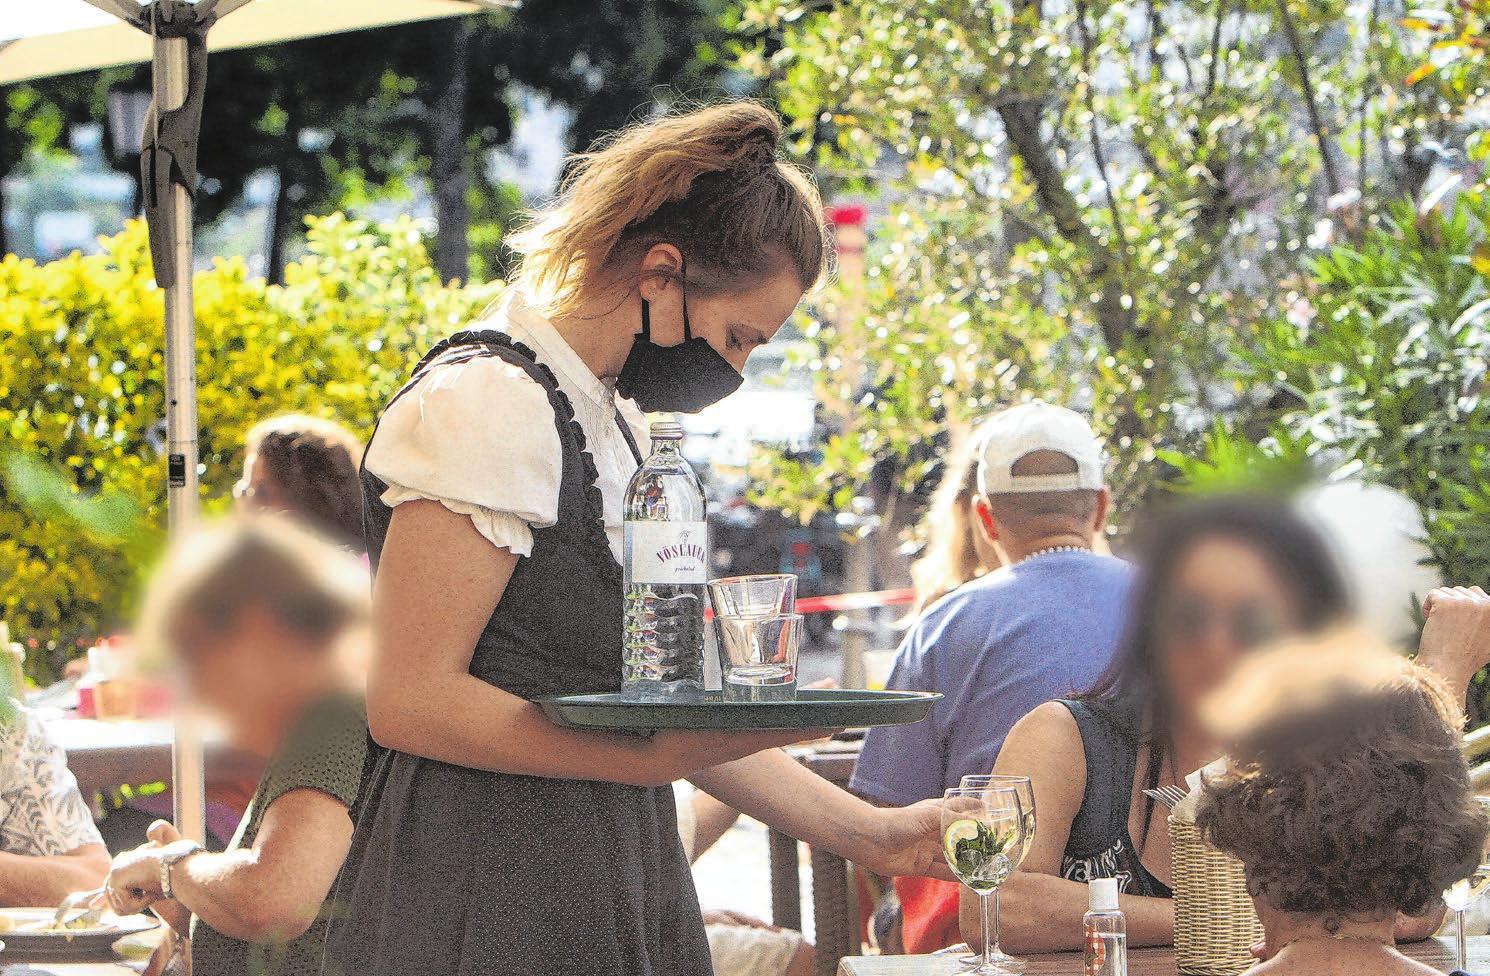 Kellner mit Mundschutz sind mittlerweile zu einem alltäglichen Anblick geworden. Für Gäste gibt es laut Corona-Verordnung jedoch keine Maskenpflicht. Foto: Ralph Peters/www.imago-images.de